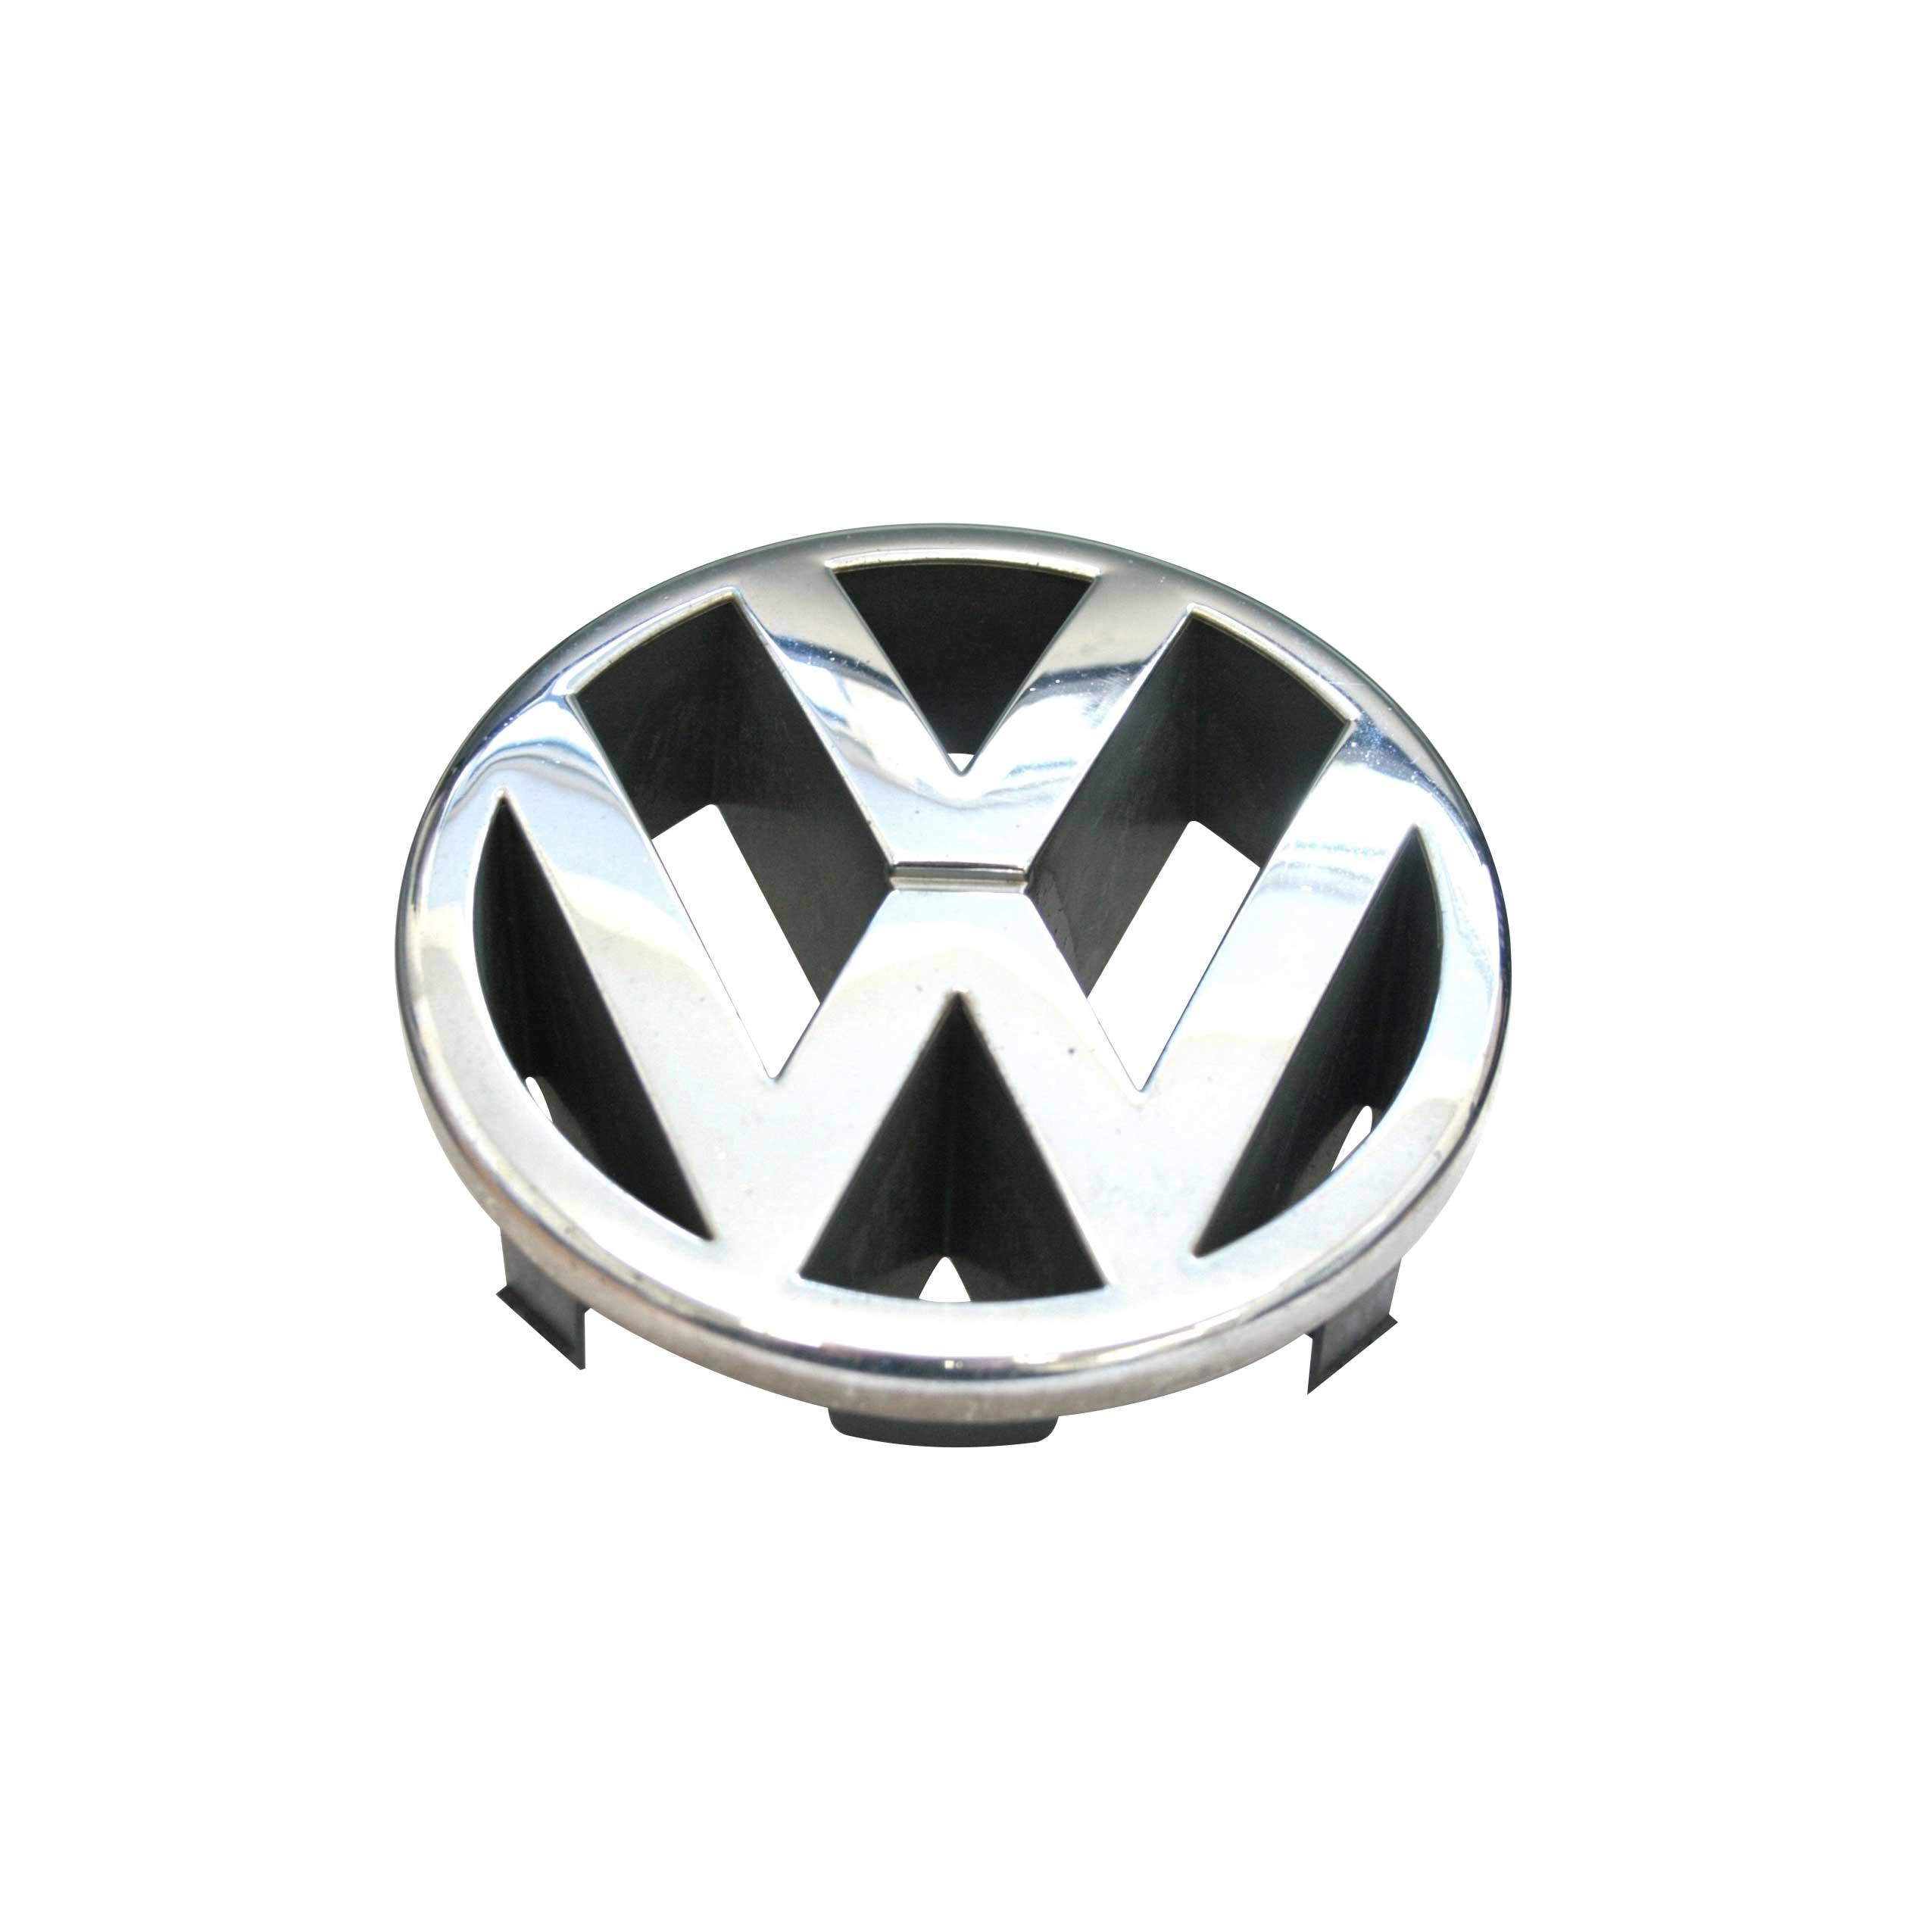 Arma Ön - Volkswagen - Passat 1998 - 2000